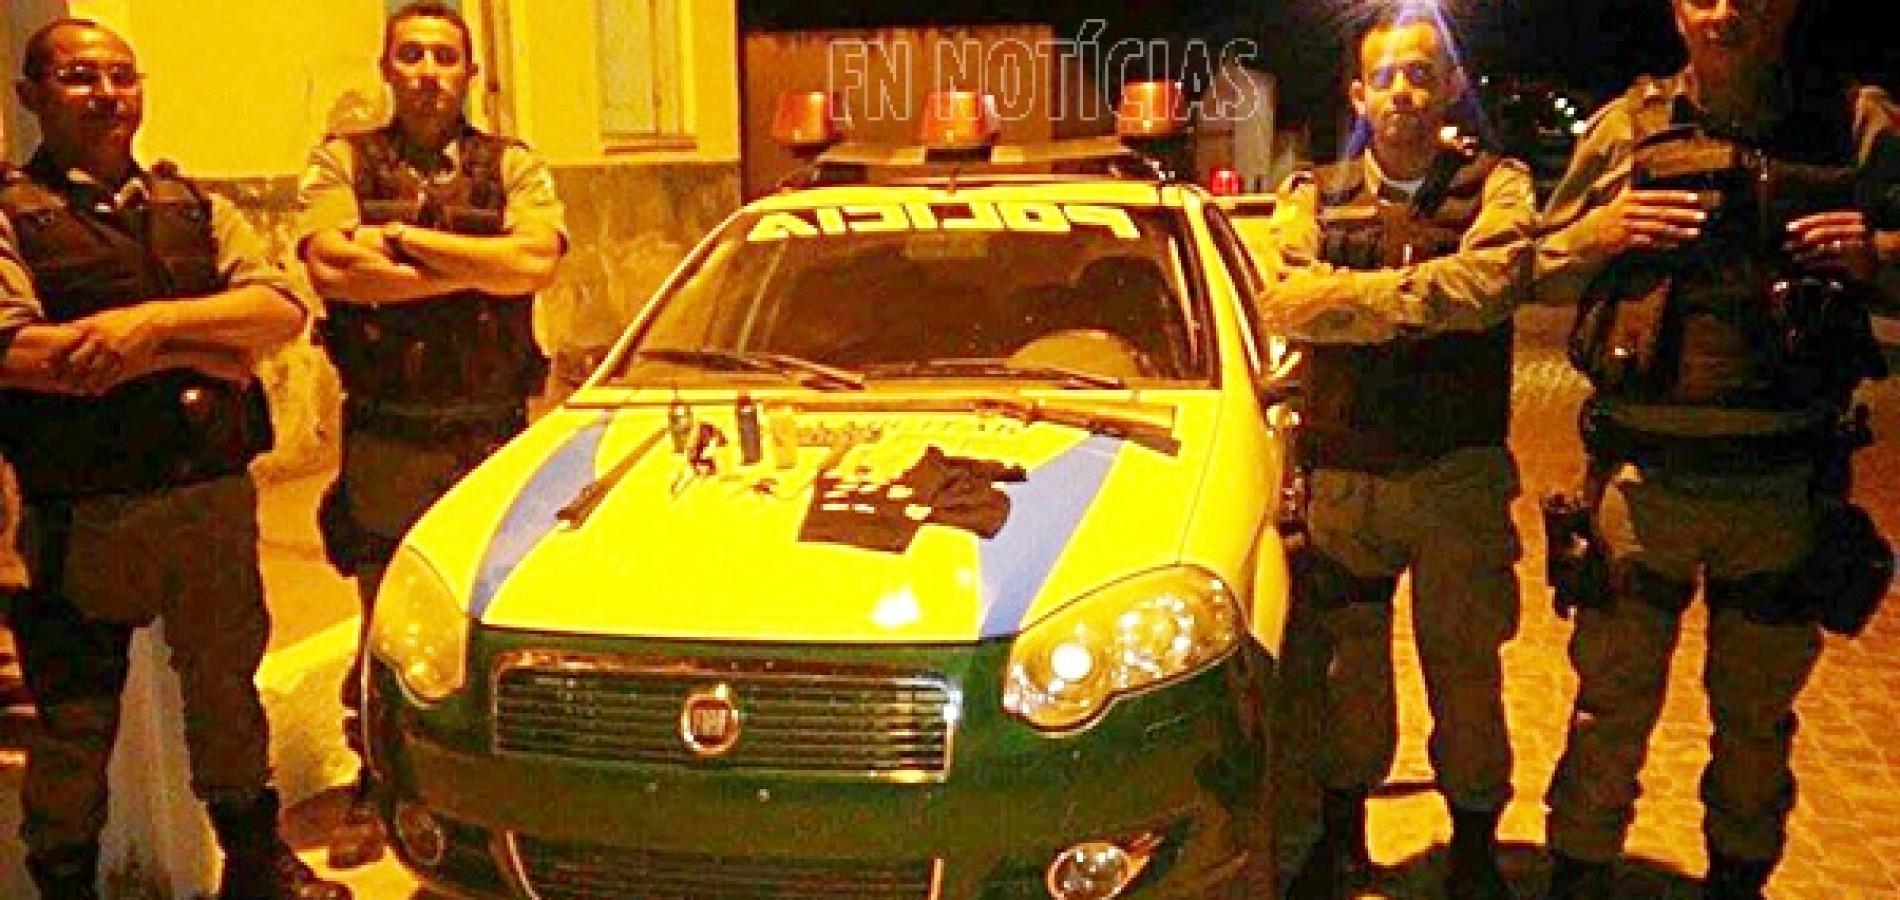 Policia Militar prende dois homens, apreende drogas, arma, munições e carro irregular Isaías Coelho